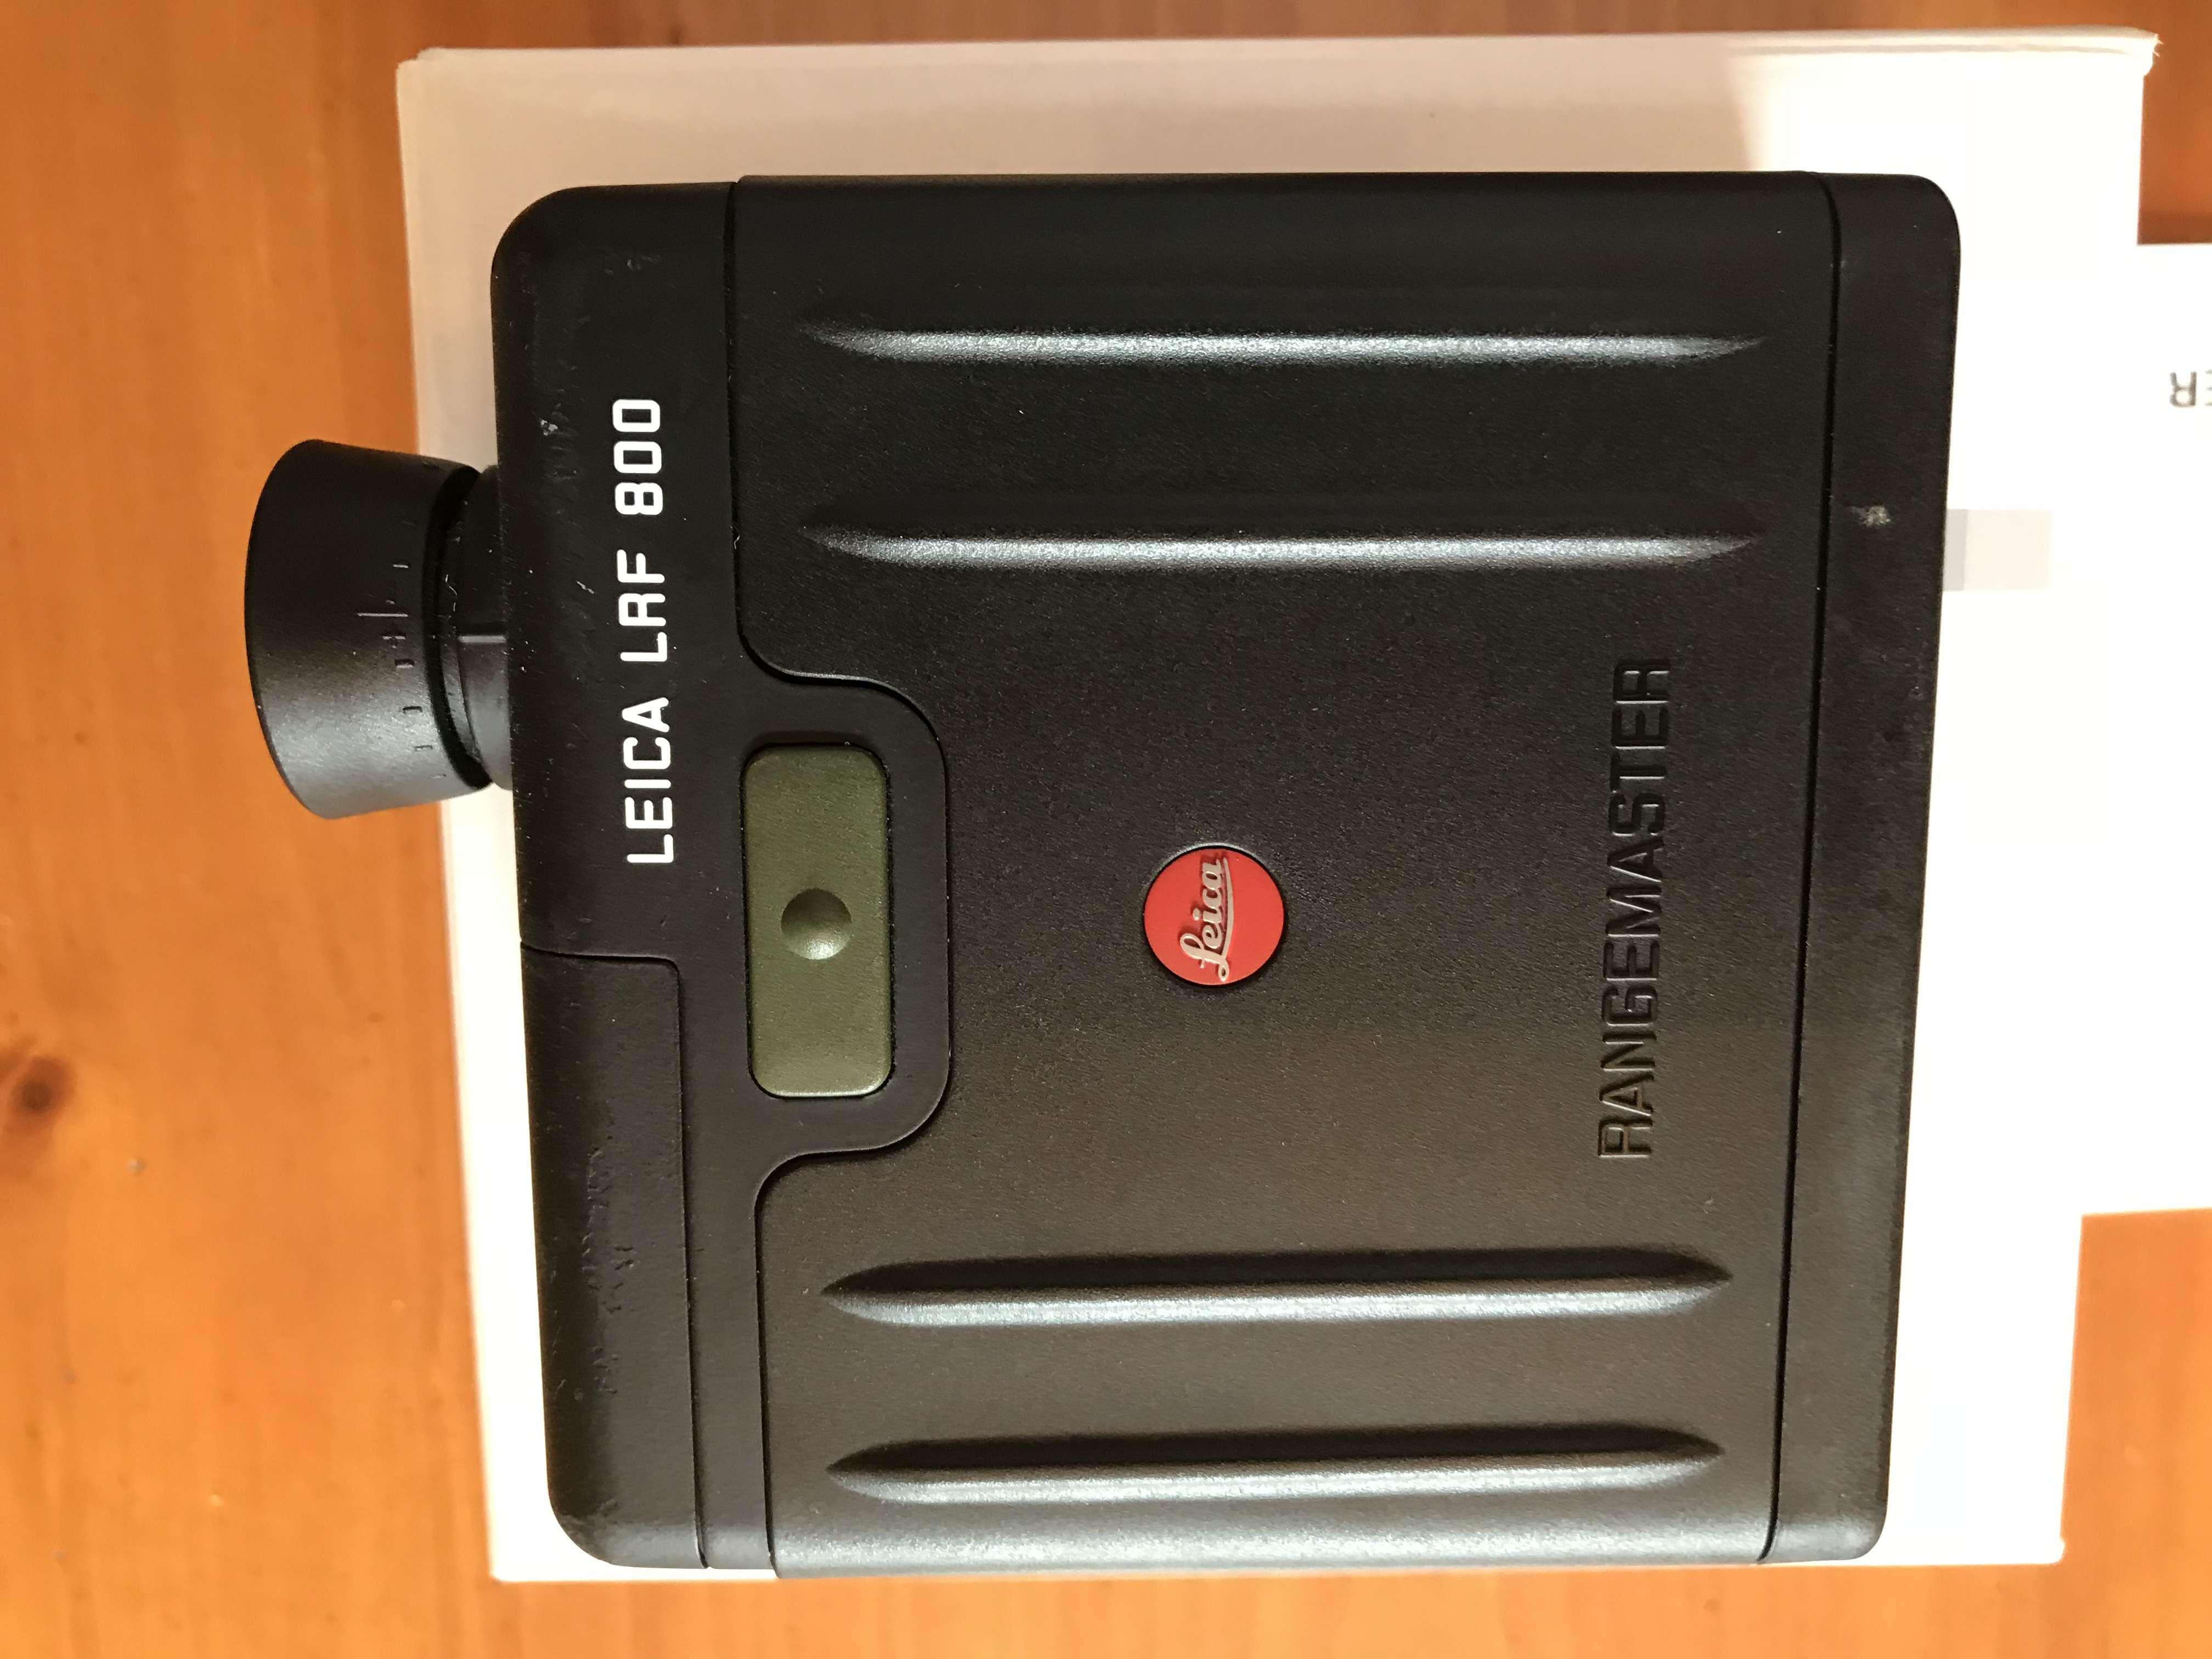 Leica Lrf 800 Rangemaster Entfernungsmesser : Leica lrf 800 24hourcampfire